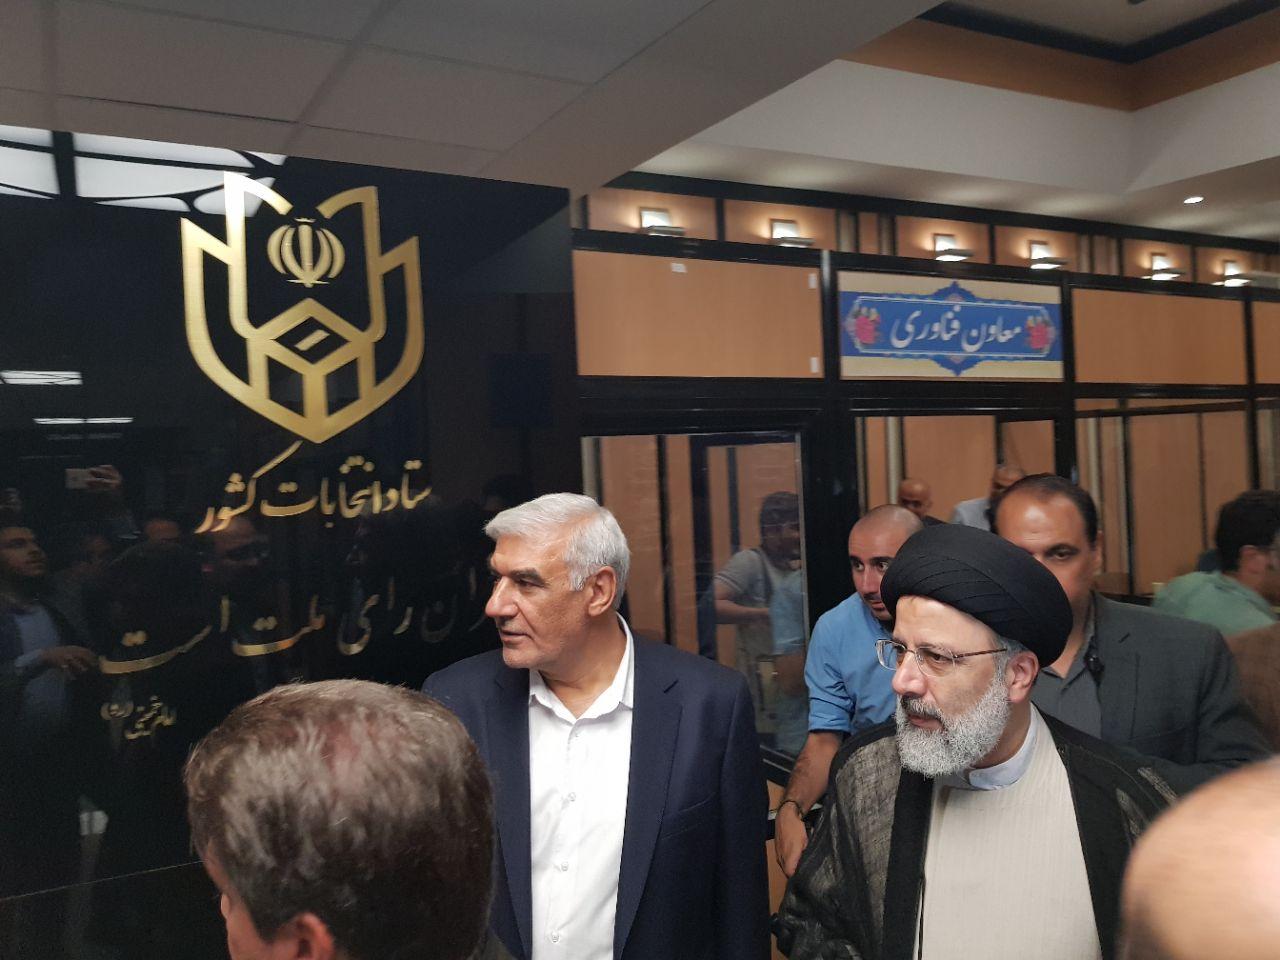 حجت الاسلام دکتر رئیسی برای پاره ای مذاکرات به وزارت کشور رفت